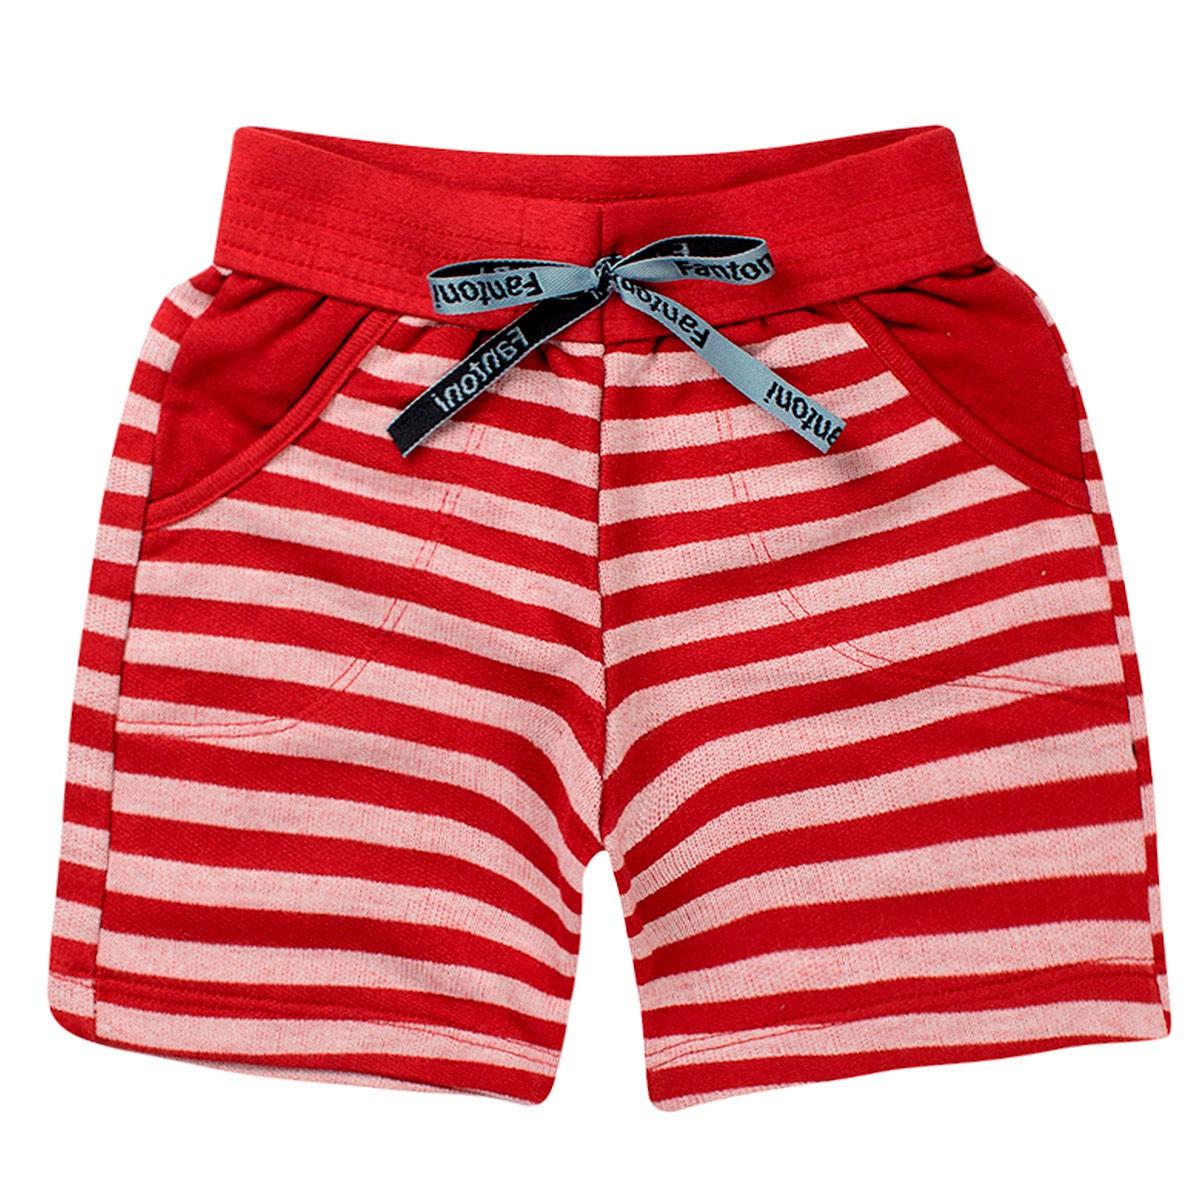 Bermuda Infantil Menino Verão Listrada Vermelha - Fantoni